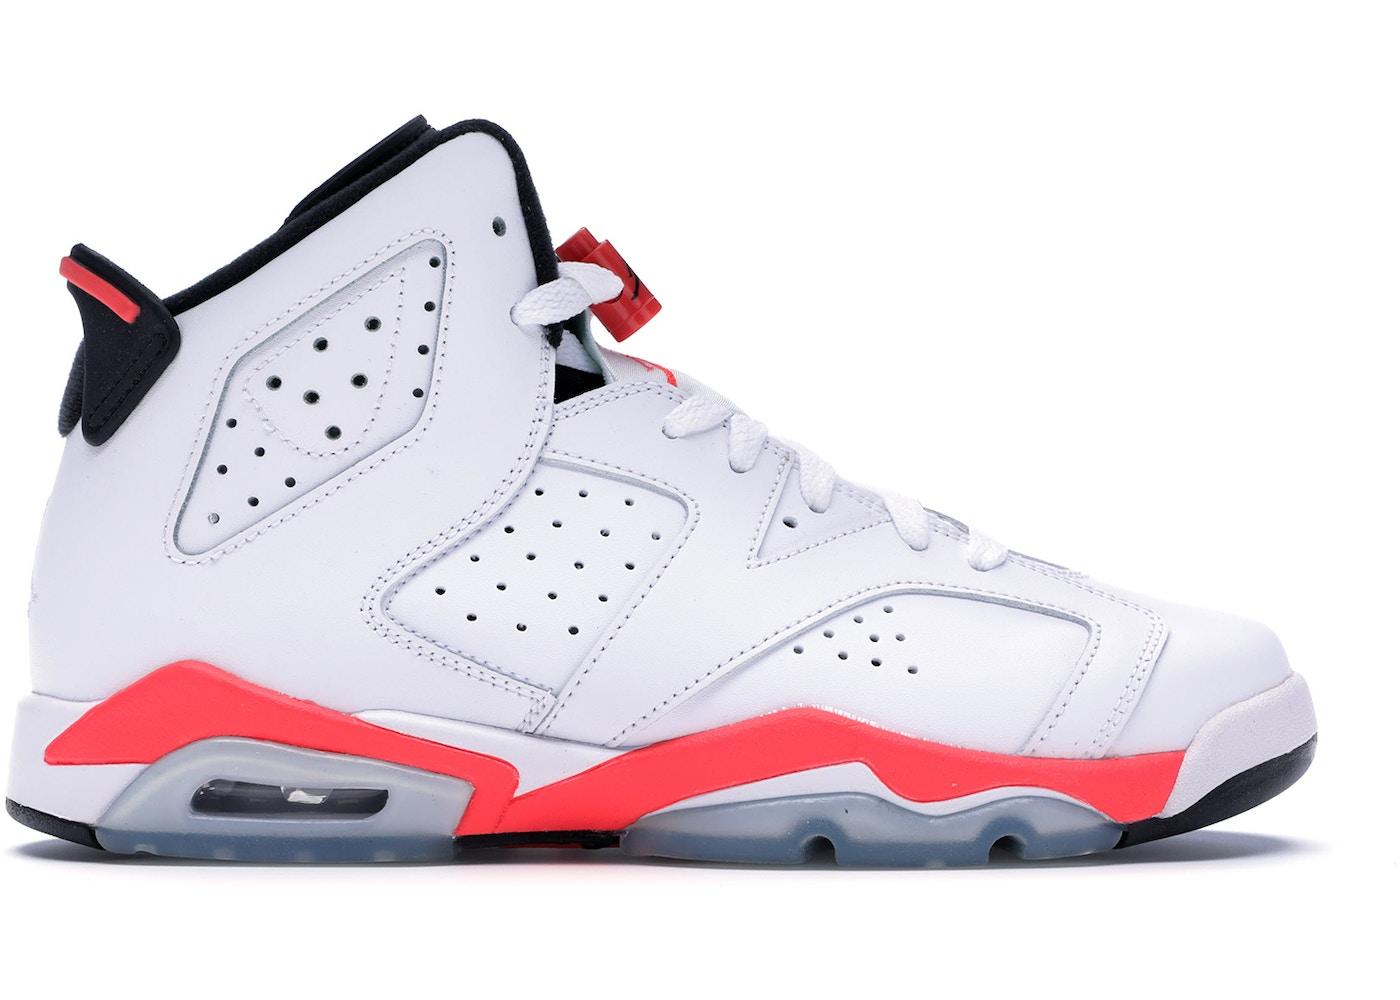 the latest 815f4 46e25 Jordan 6 Retro Infrared White 2014 (GS) - 384665-123